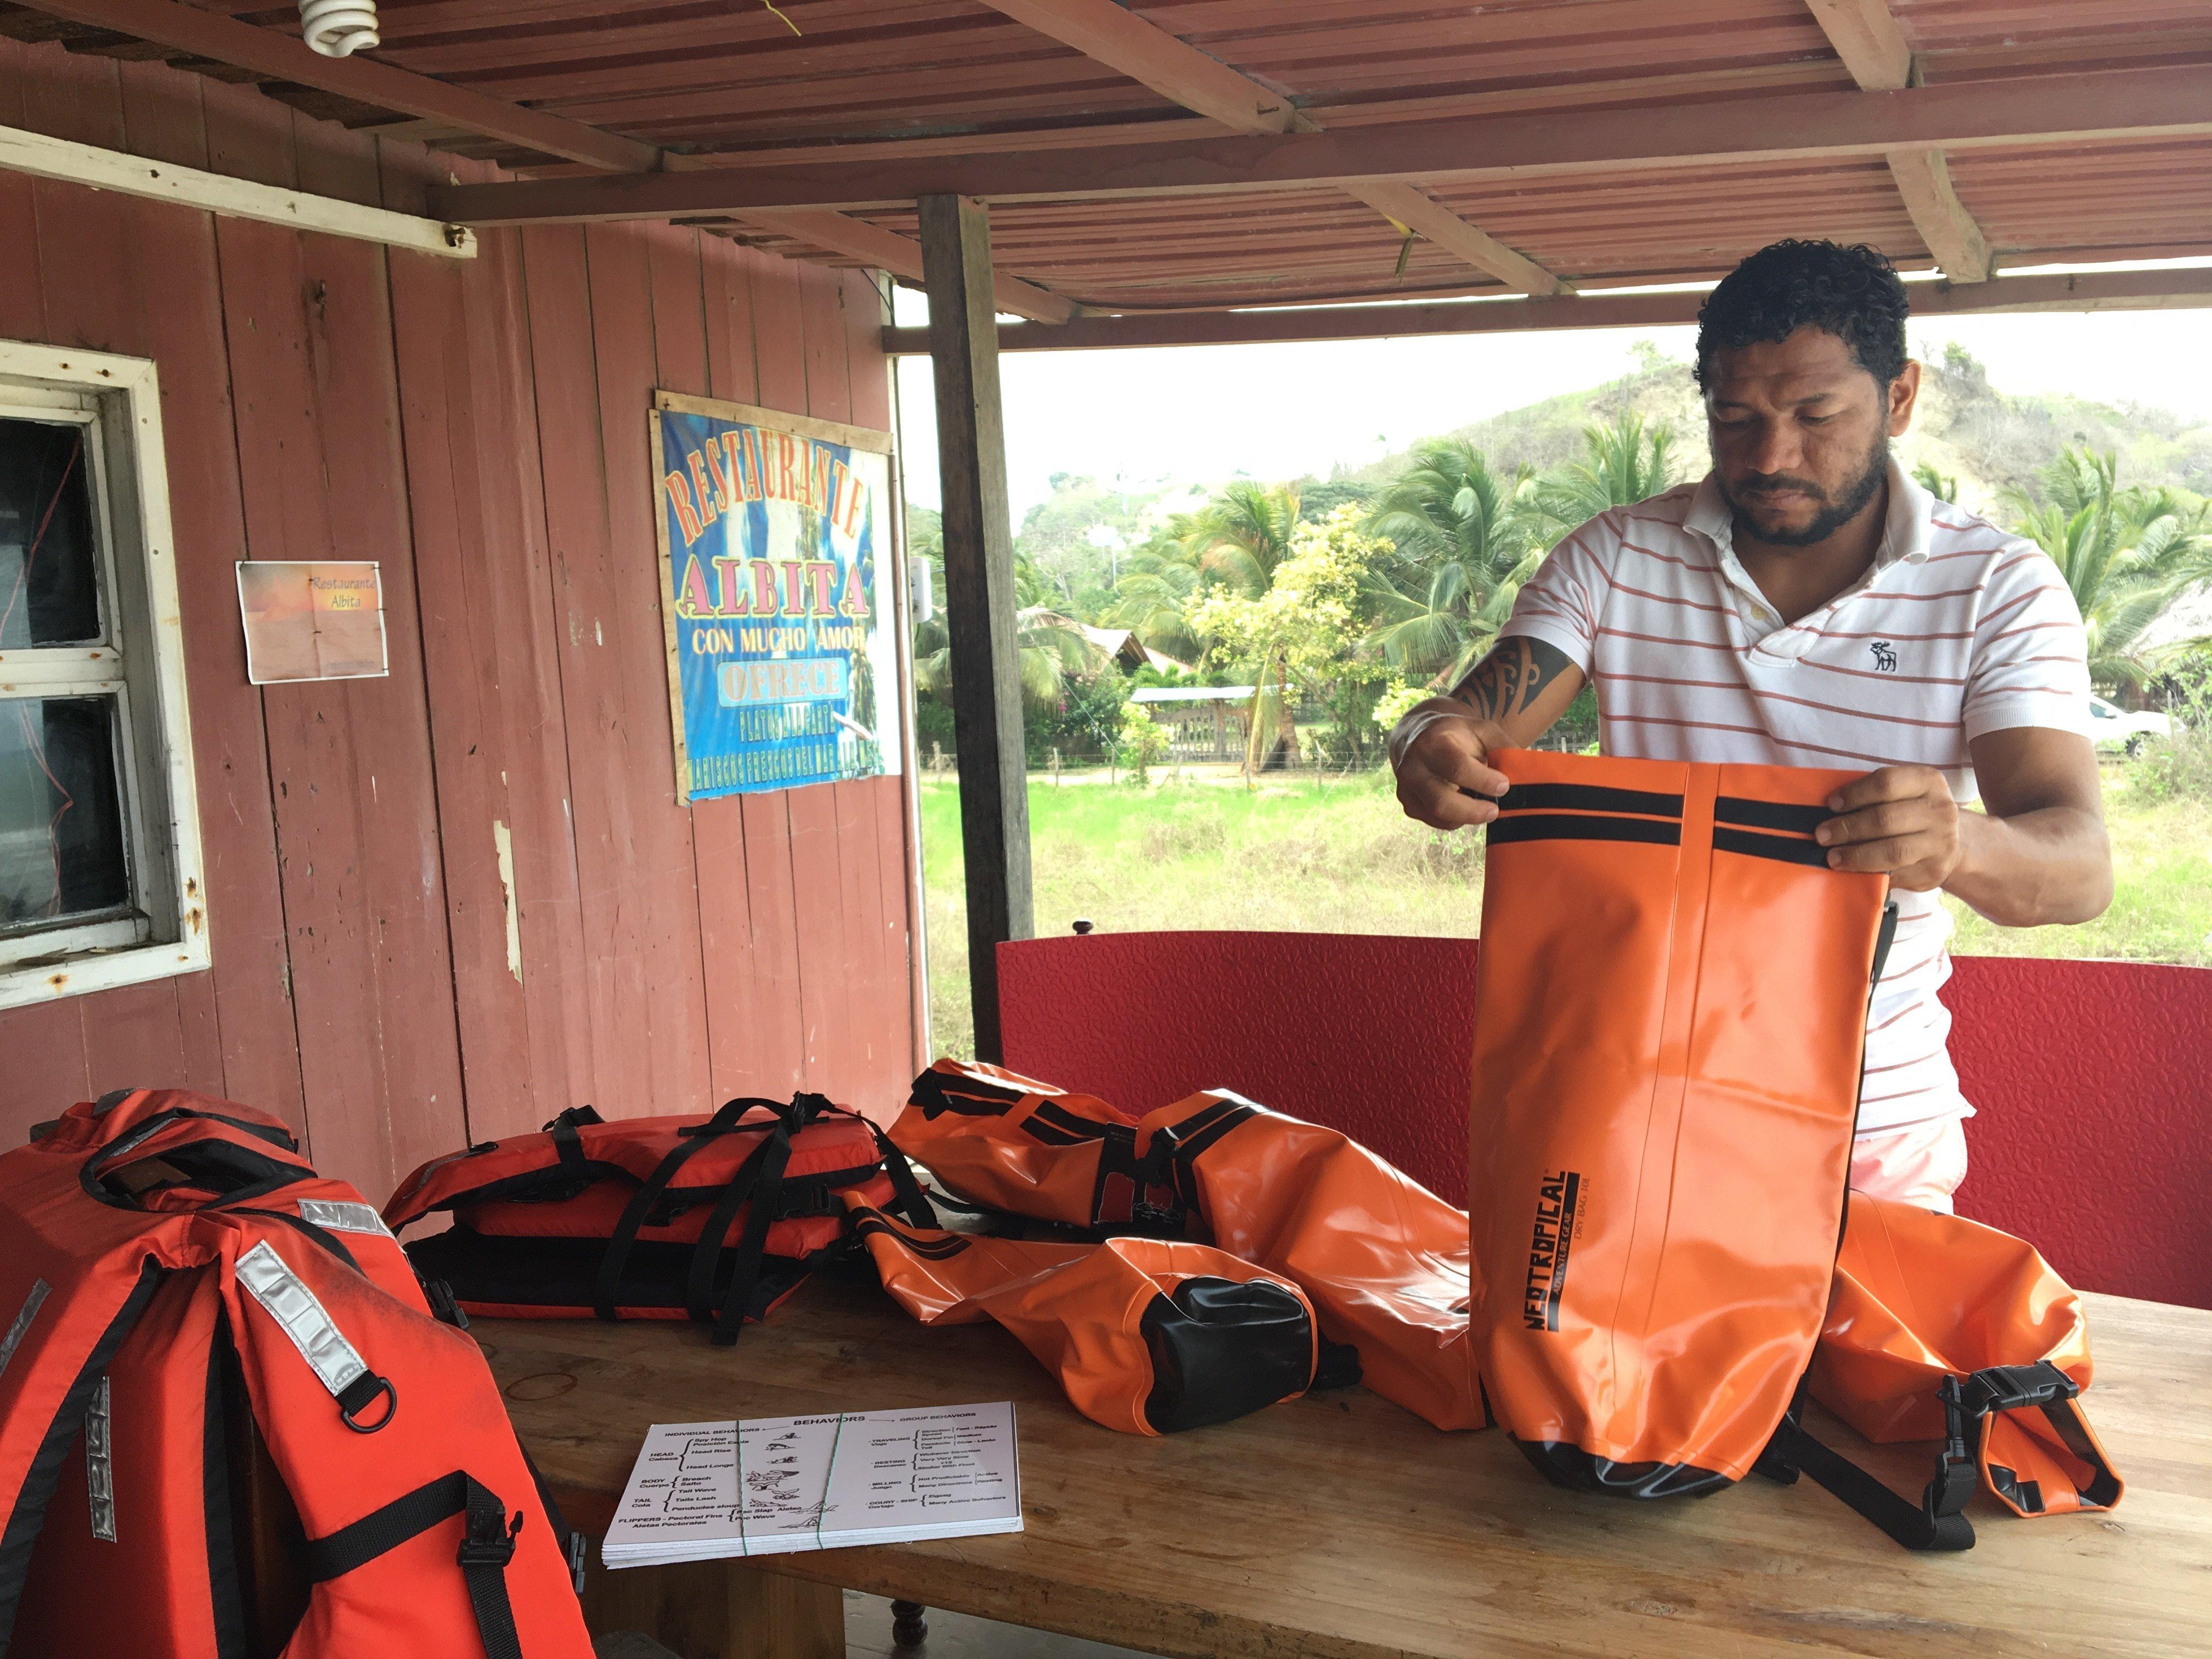 El presidente de la Asoación Ballevista, Fabián Valdez, que se dedica al negocio turístico y recibió apoyo del PNUD para iniciar sus labores.